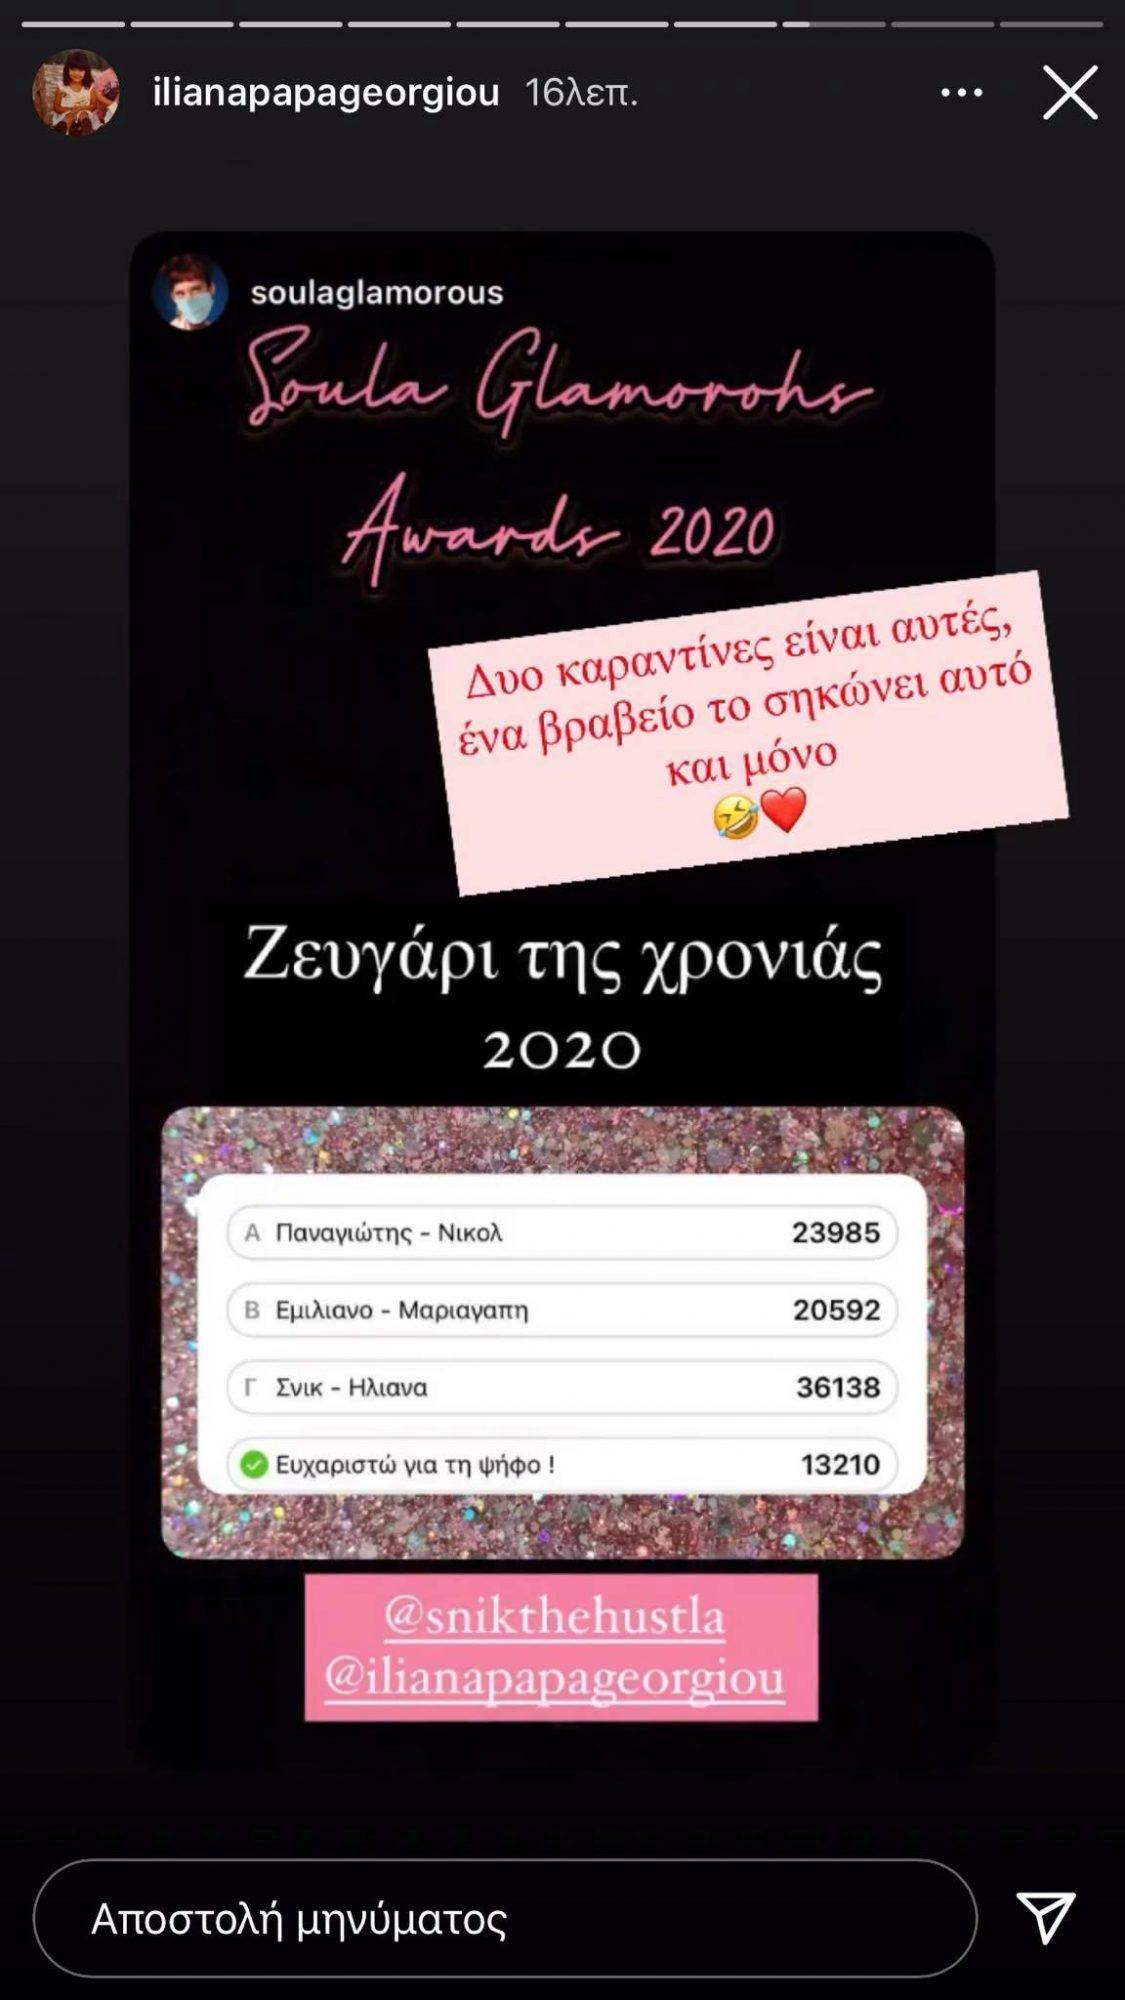 Ηλιάνα Παπαγεωργίου - Snik   «Ψηφίστηκαν» το ζευγάρι της χρονιάς